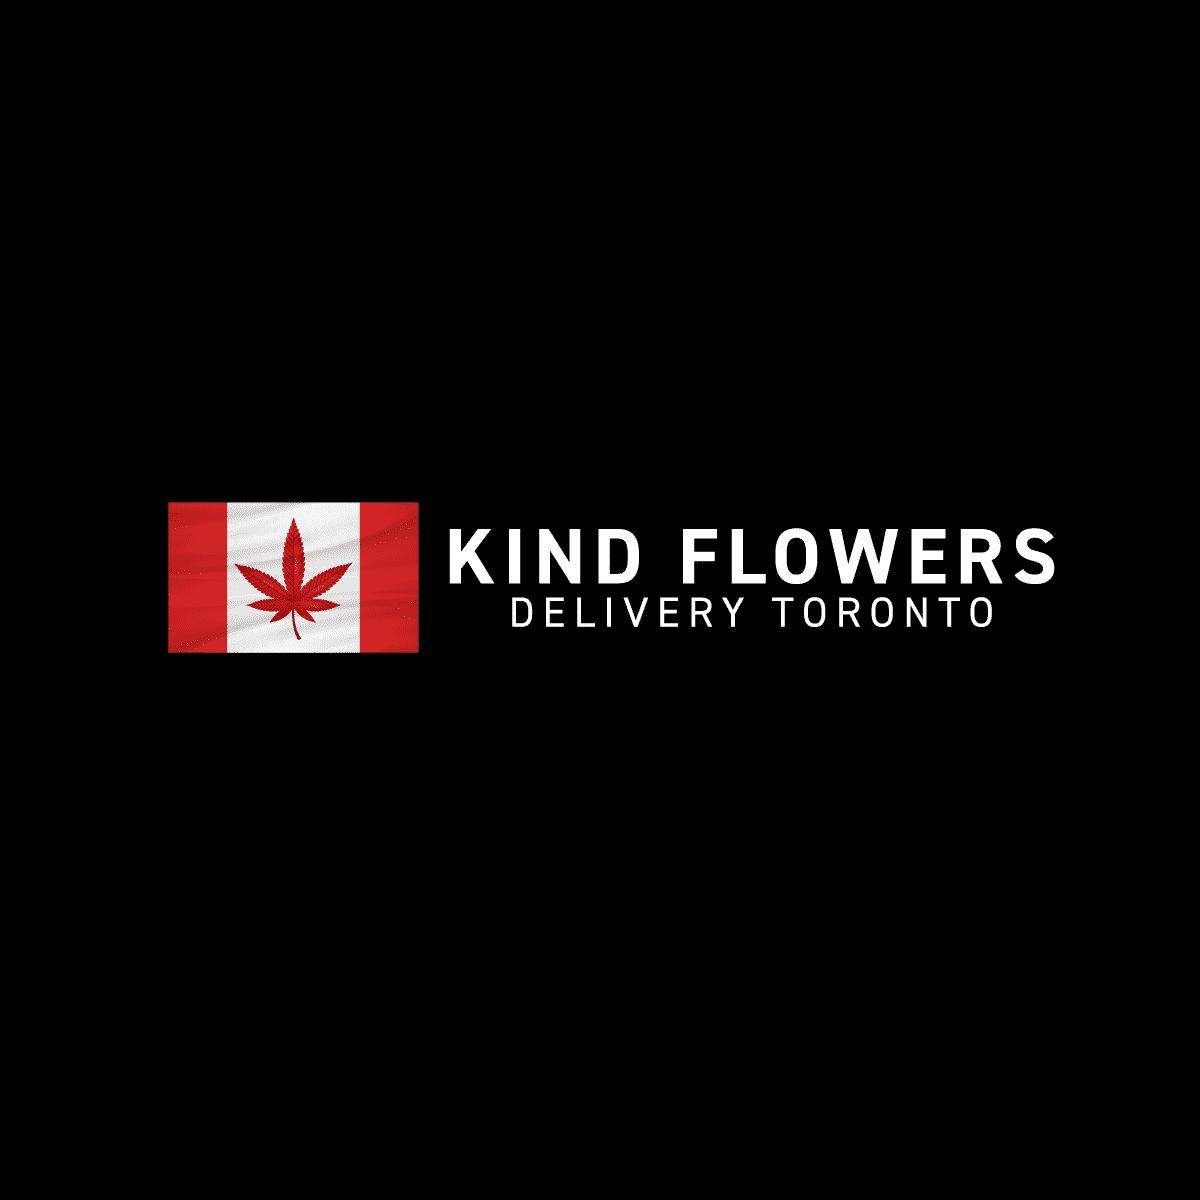 la kush cake 1 scaled - Kind Flowers